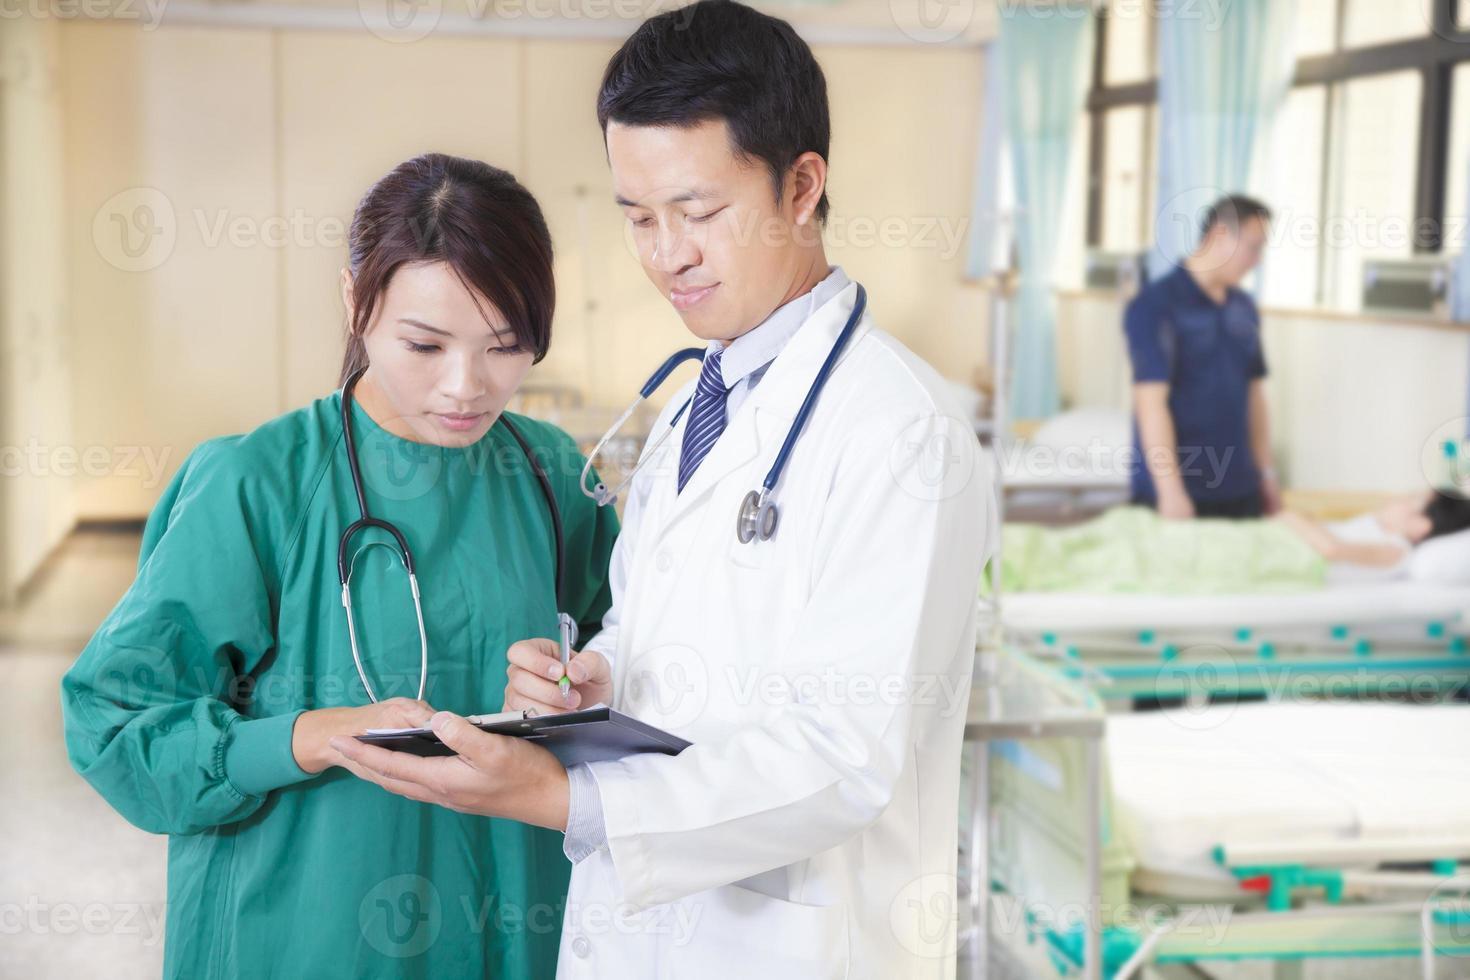 arts en assistent bespreken meisjessituatie foto